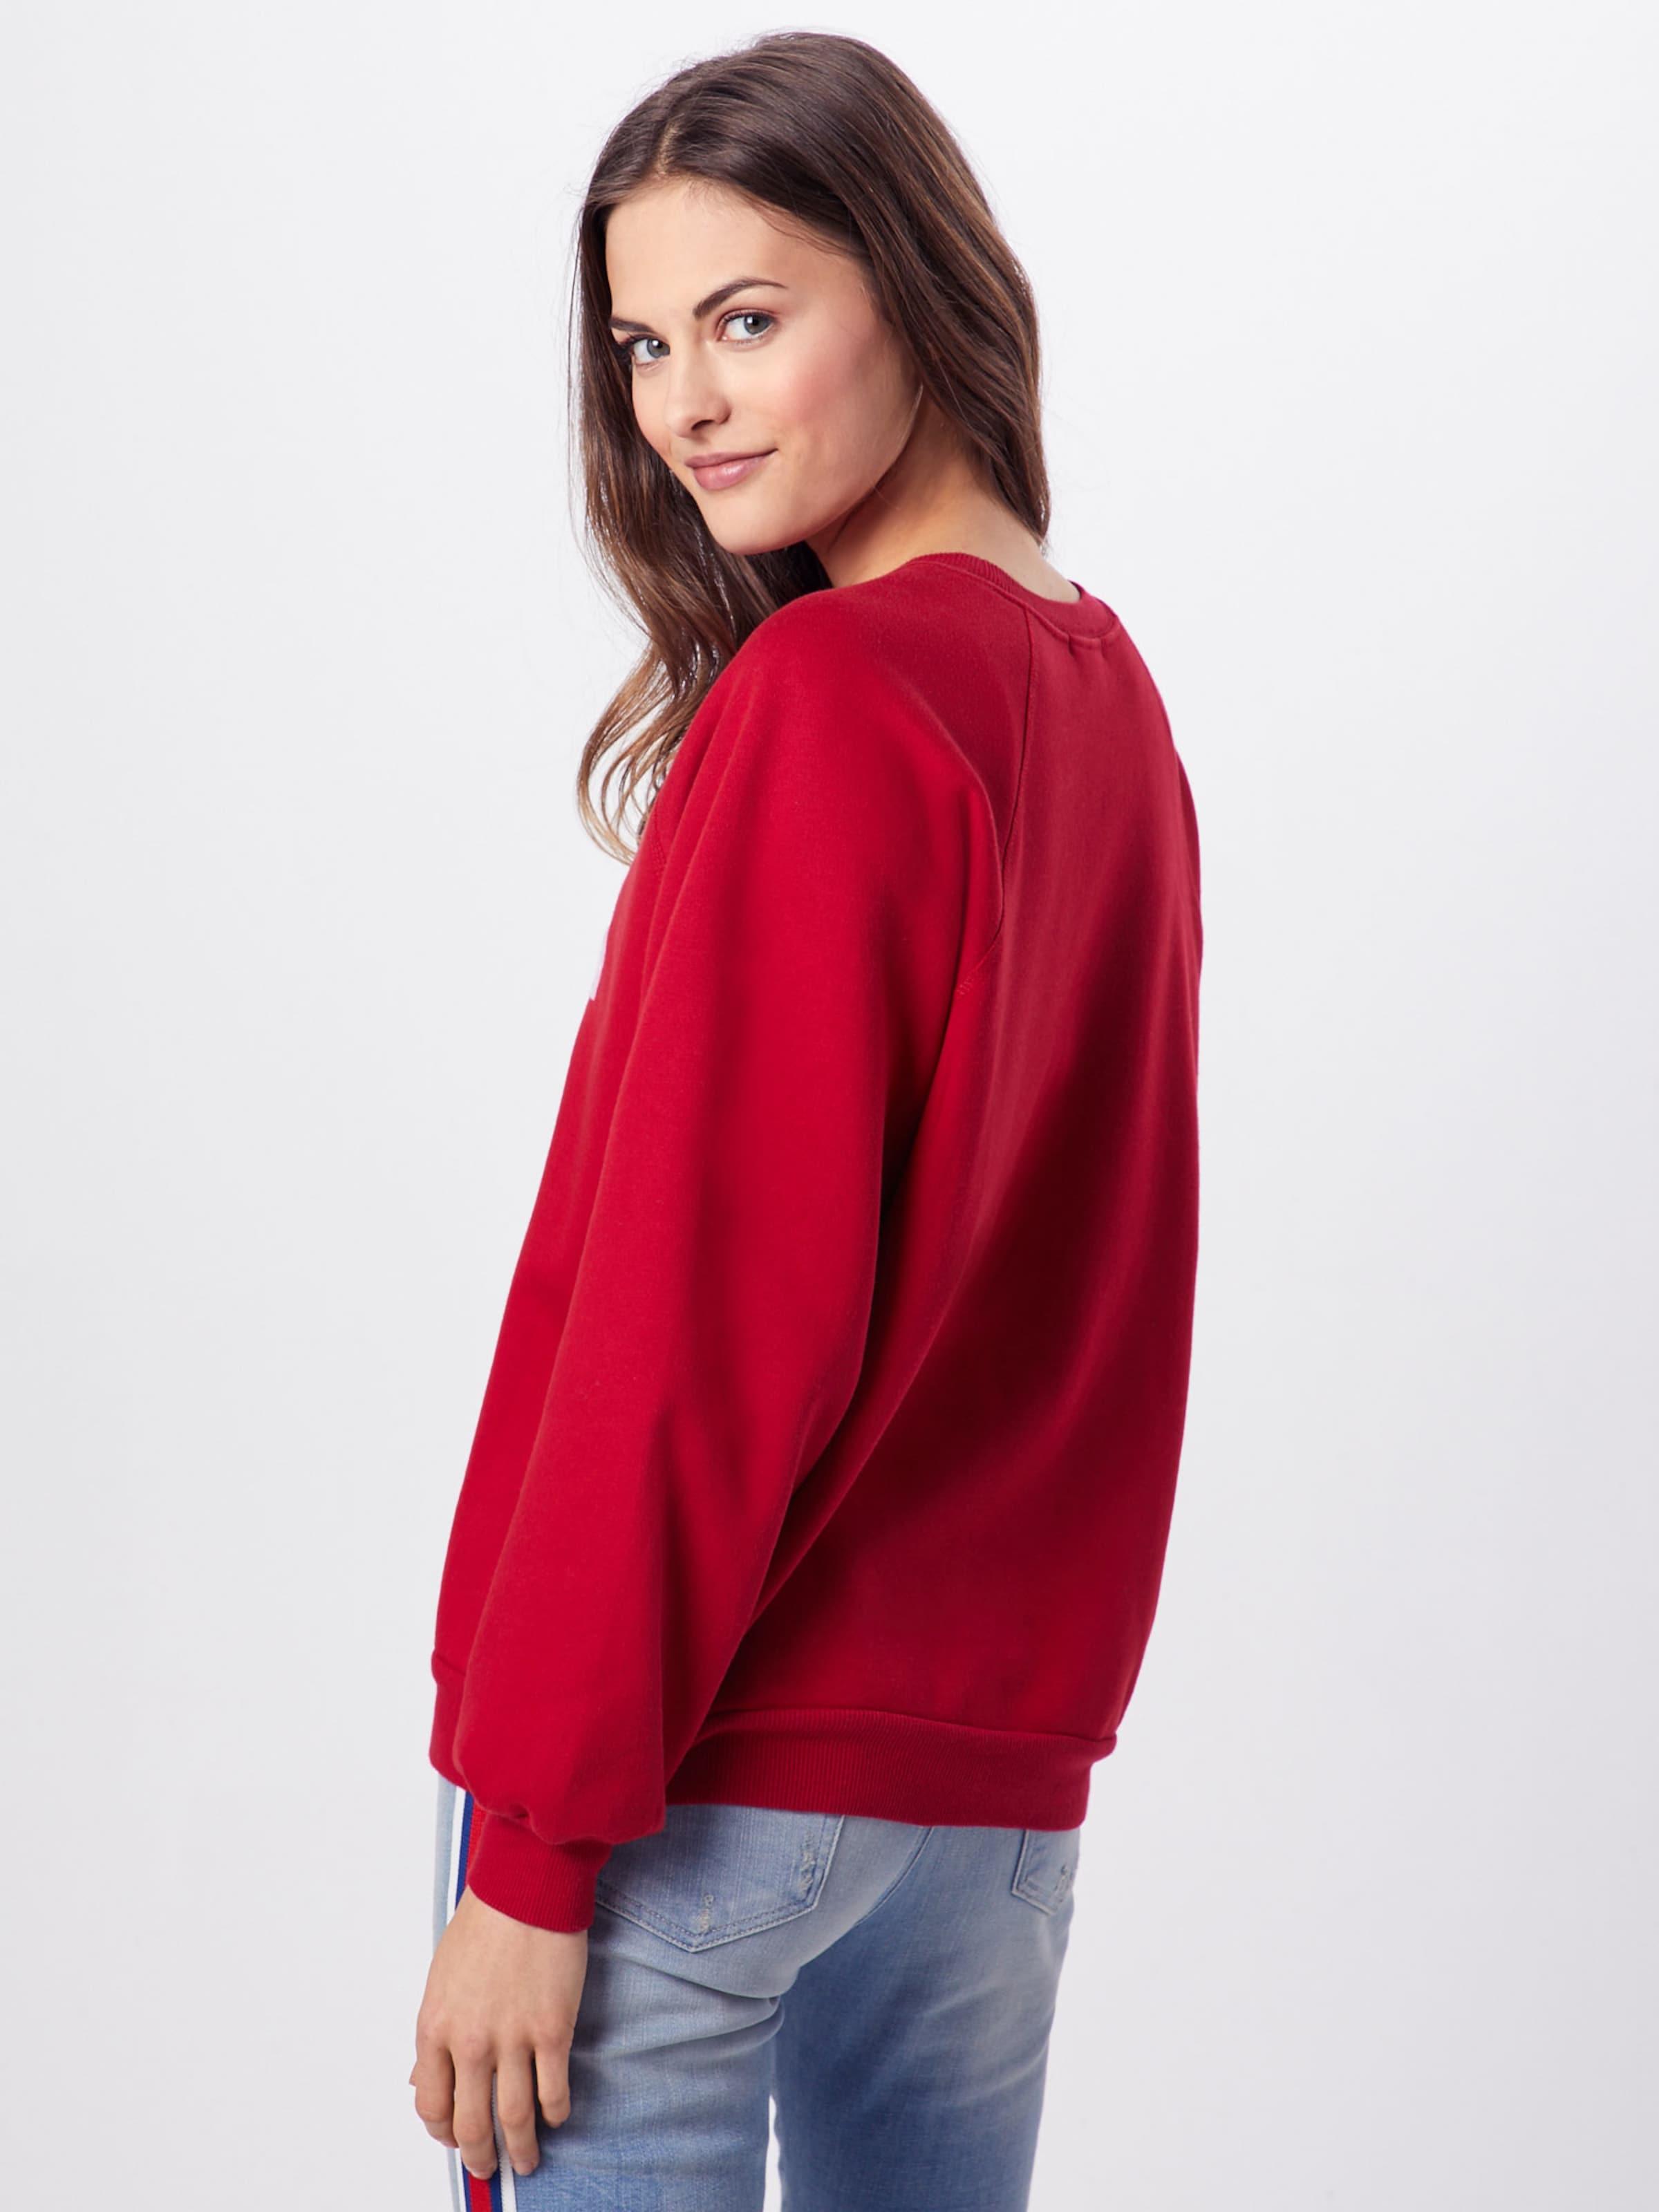 Sweatshirt' 'oversized Ragdoll shirt Rouge La Sweat En j3qARL54